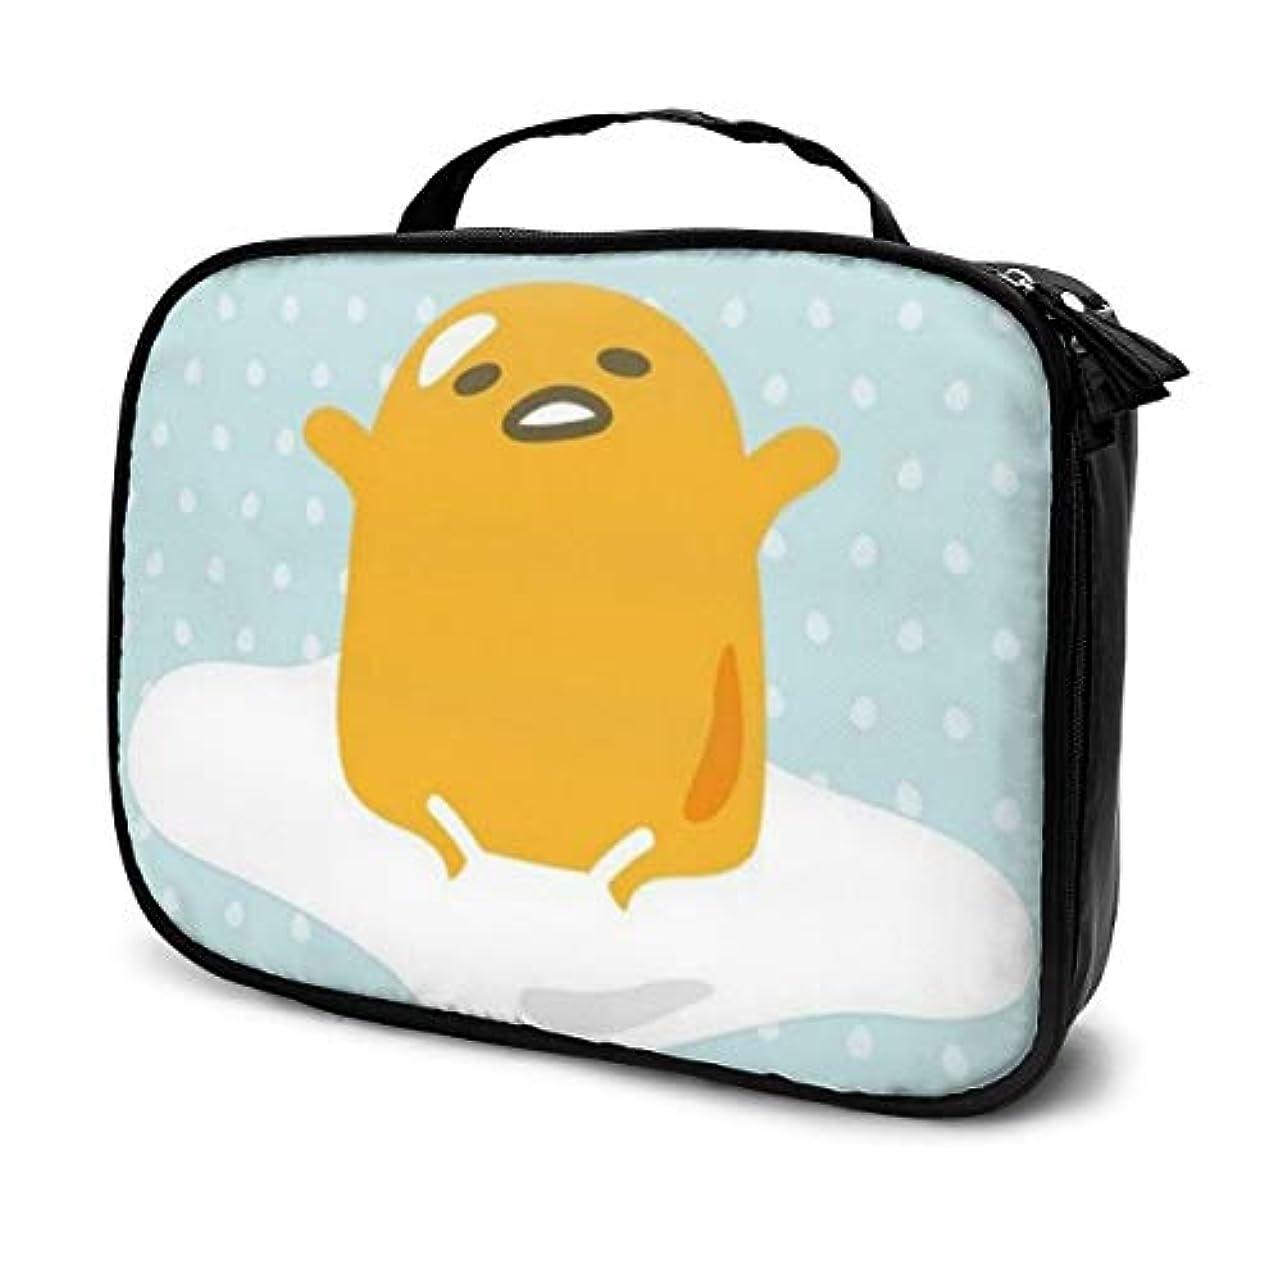 哀れなリアル希少性ぐでたま 化粧ポーチ 化粧バッグ メイクボックス コスメバック 化粧箱 大容量 機能的 便携式 收納抜群 プロ用 旅行 家用